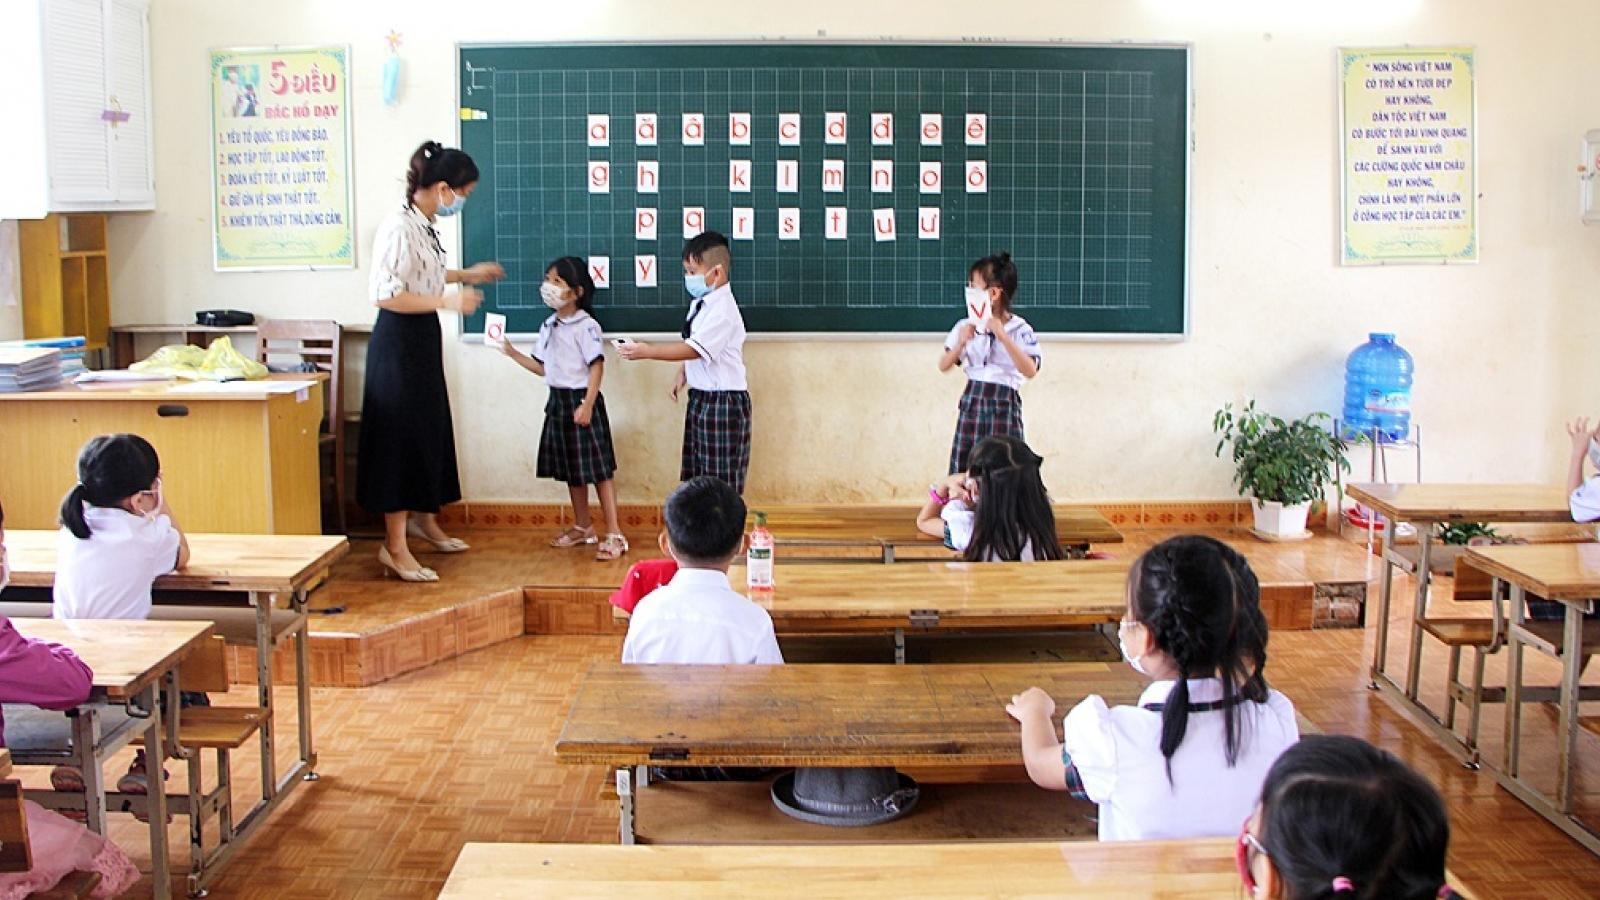 Đắk Nông thiếu 800 giáo viên trong năm học mới